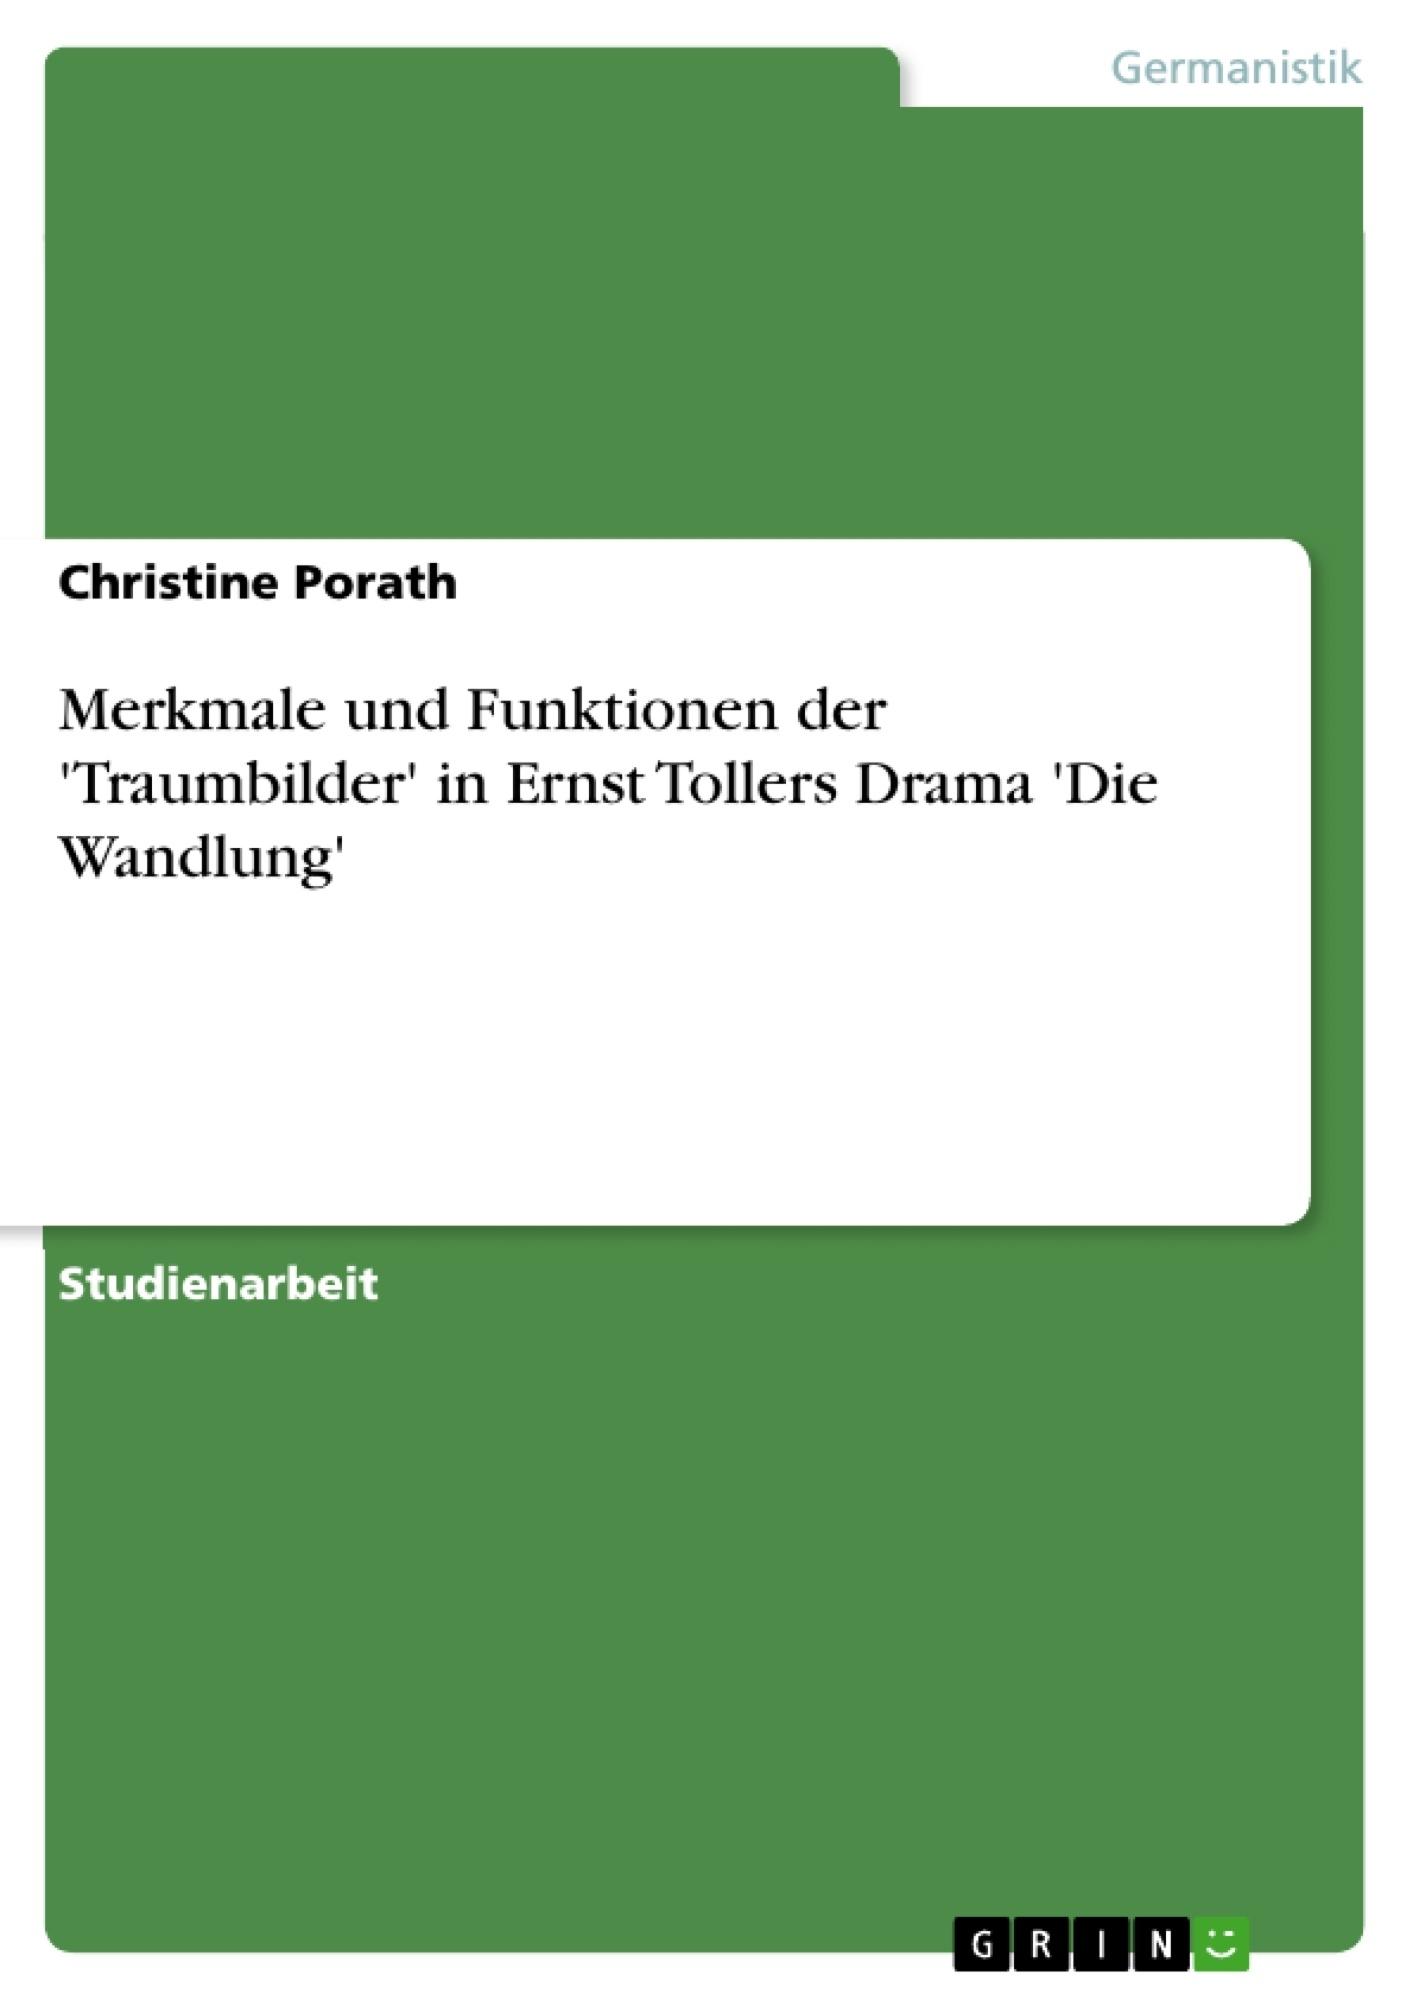 Titel: Merkmale und Funktionen der 'Traumbilder' in Ernst Tollers Drama 'Die Wandlung'